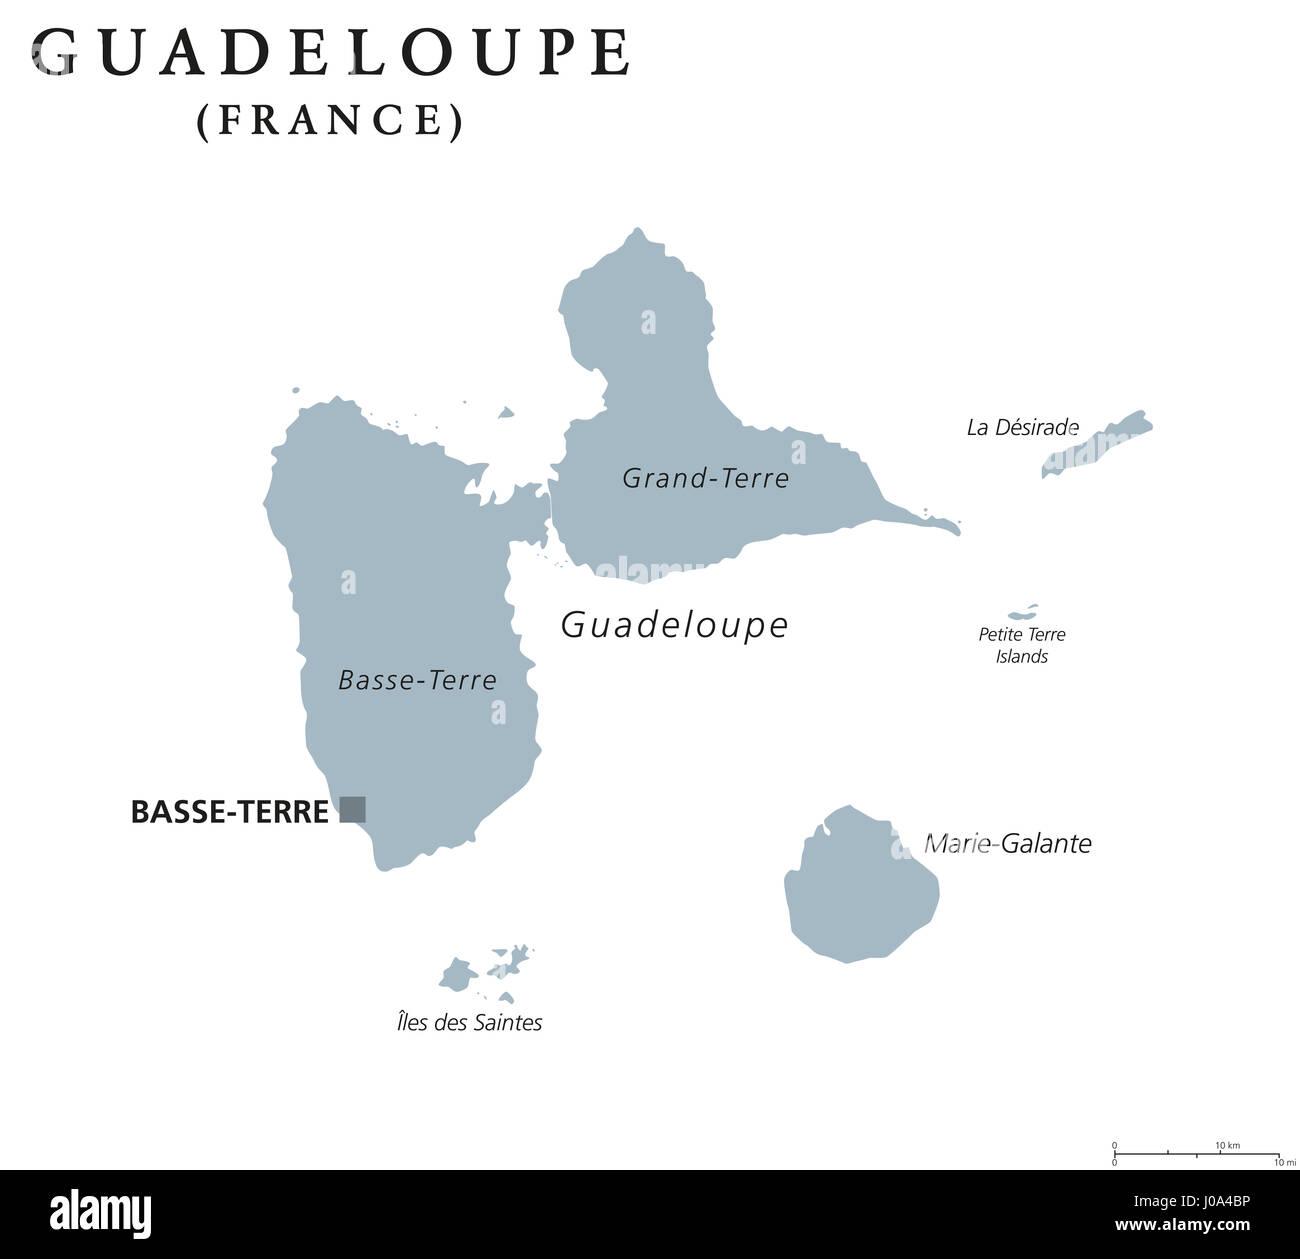 Guadeloupe carte politique de la peine de Basse-Terre. Îles des Caraïbes et de la région d'outre-mer de la France dans les Petites Antilles et les Îles sous le vent. Banque D'Images